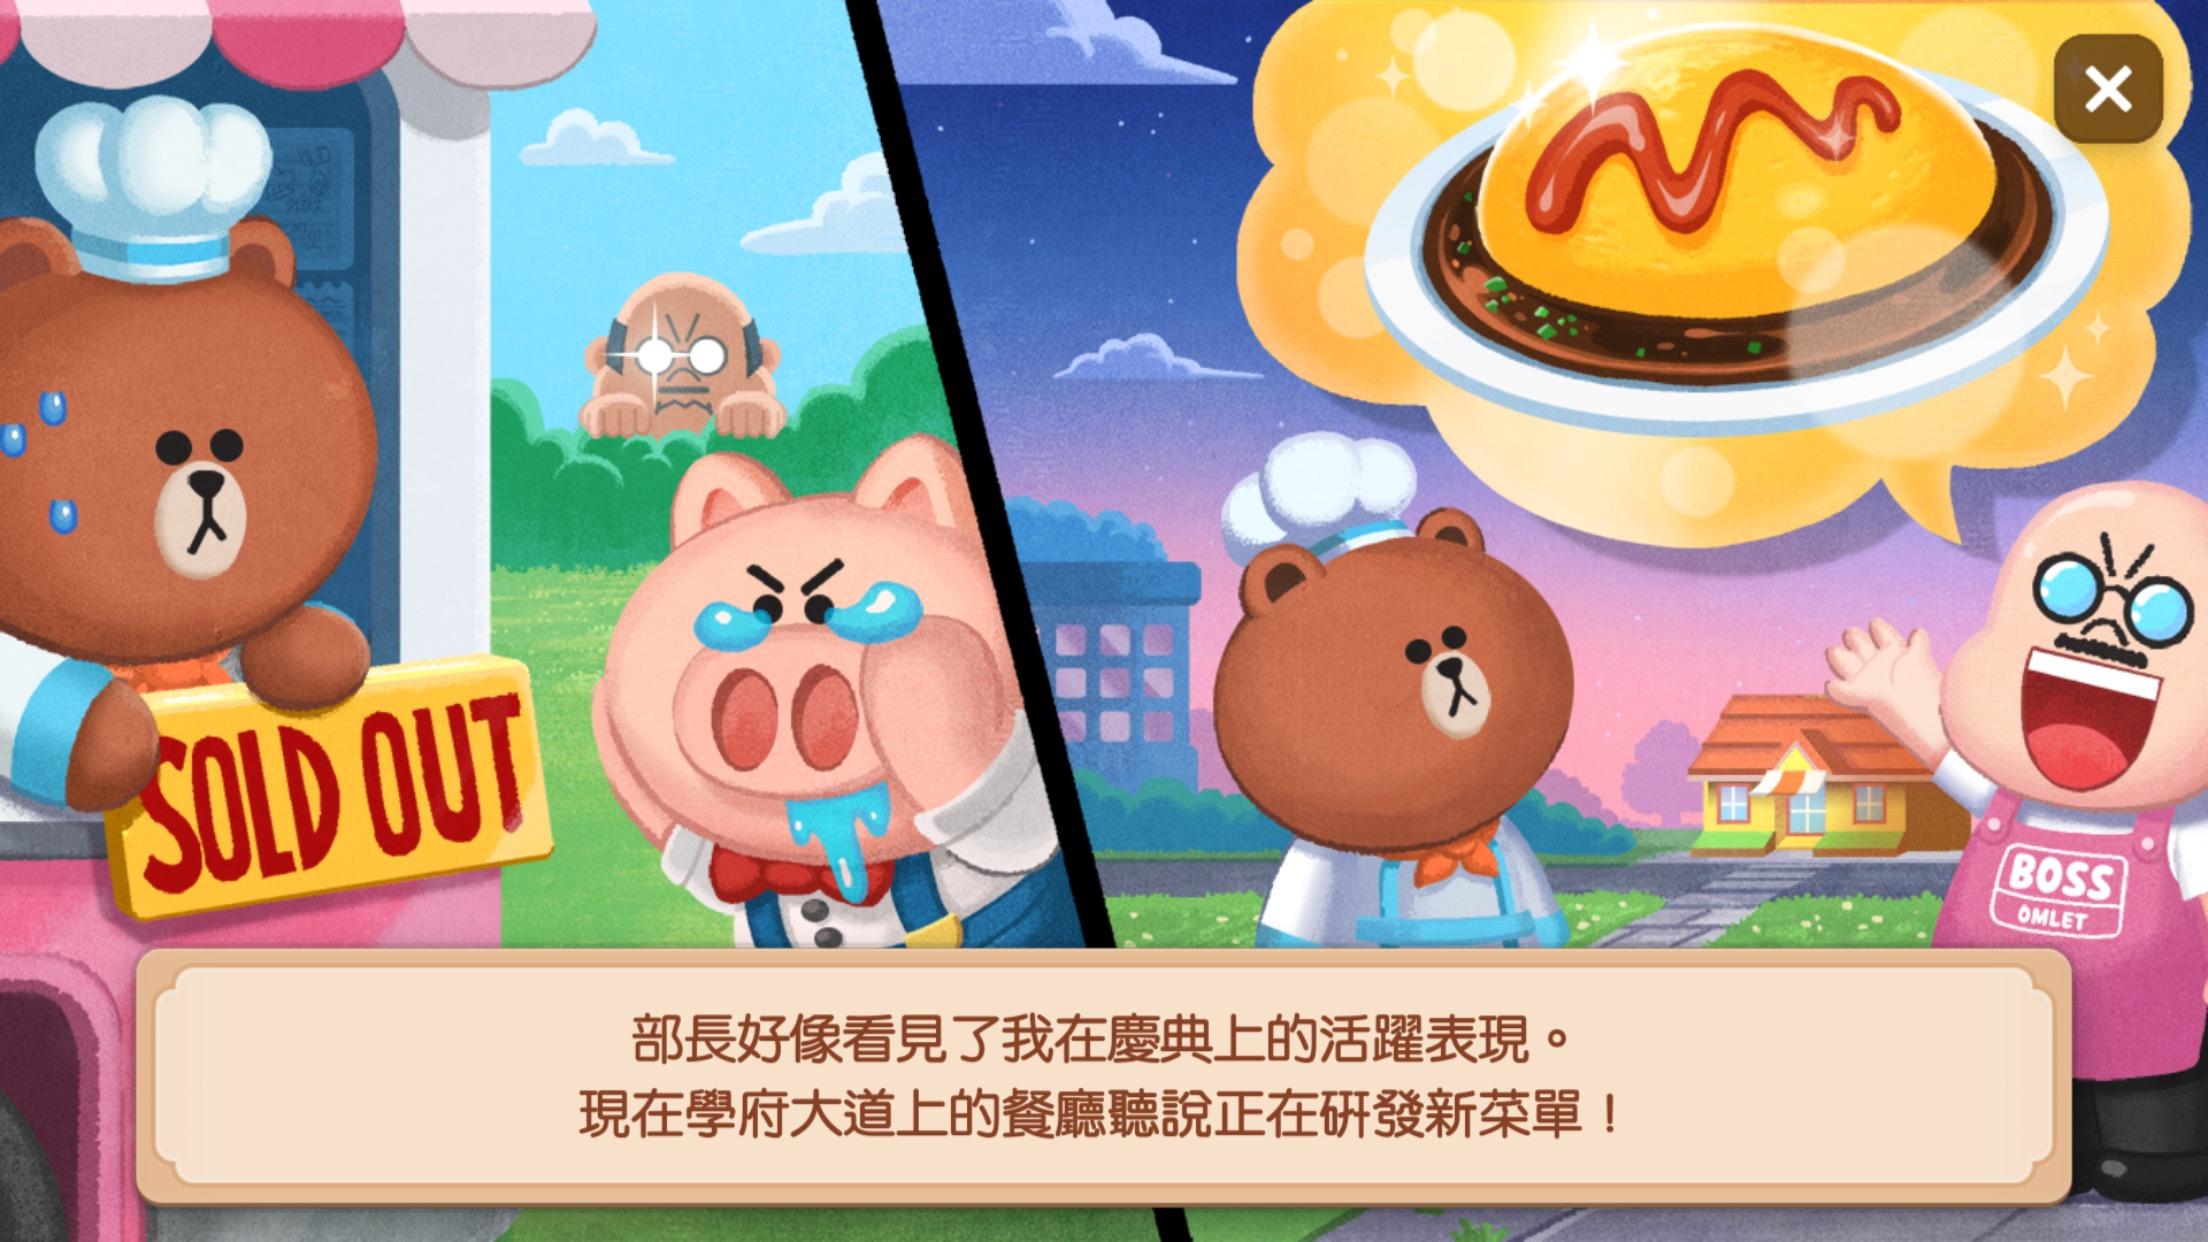 熊大上菜 Line Chef